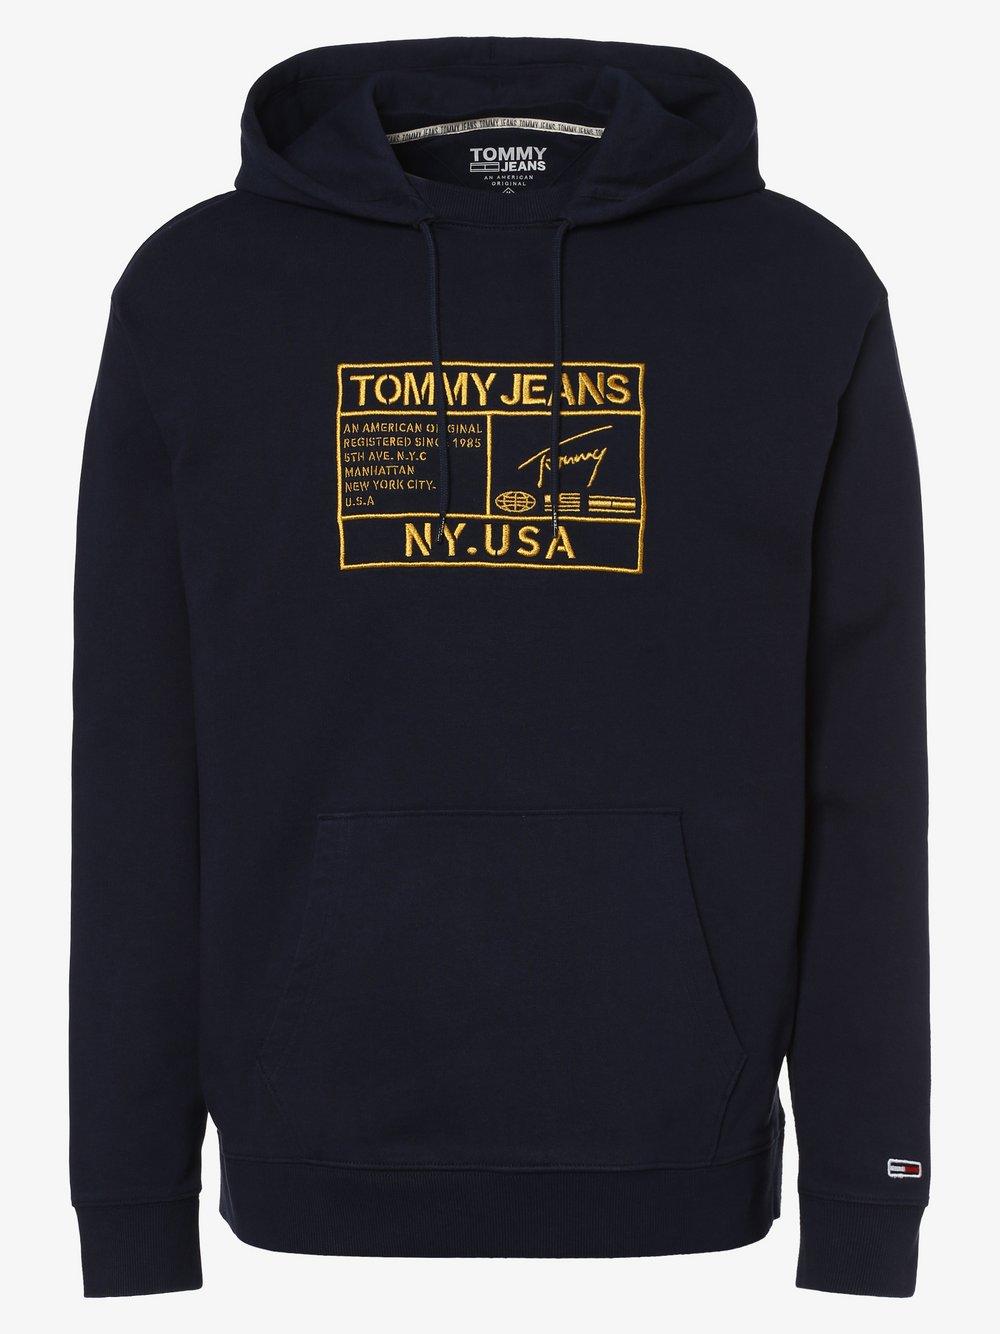 Tommy Jeans - Męska bluza nierozpinana, niebieski